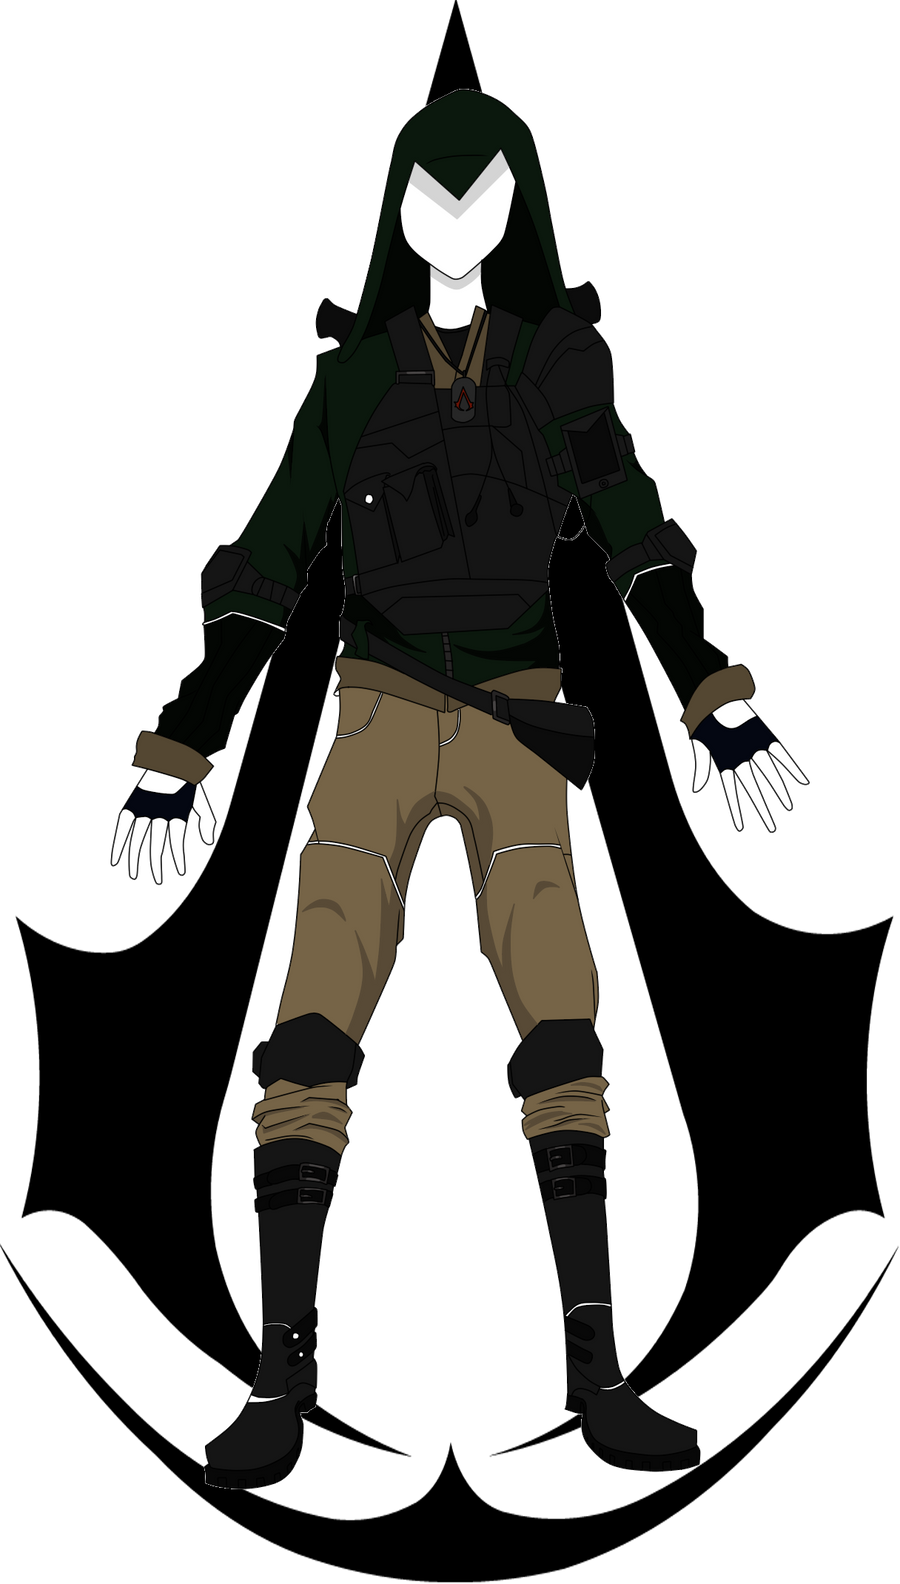 Assassin Combat Outfit by scitt on DeviantArt